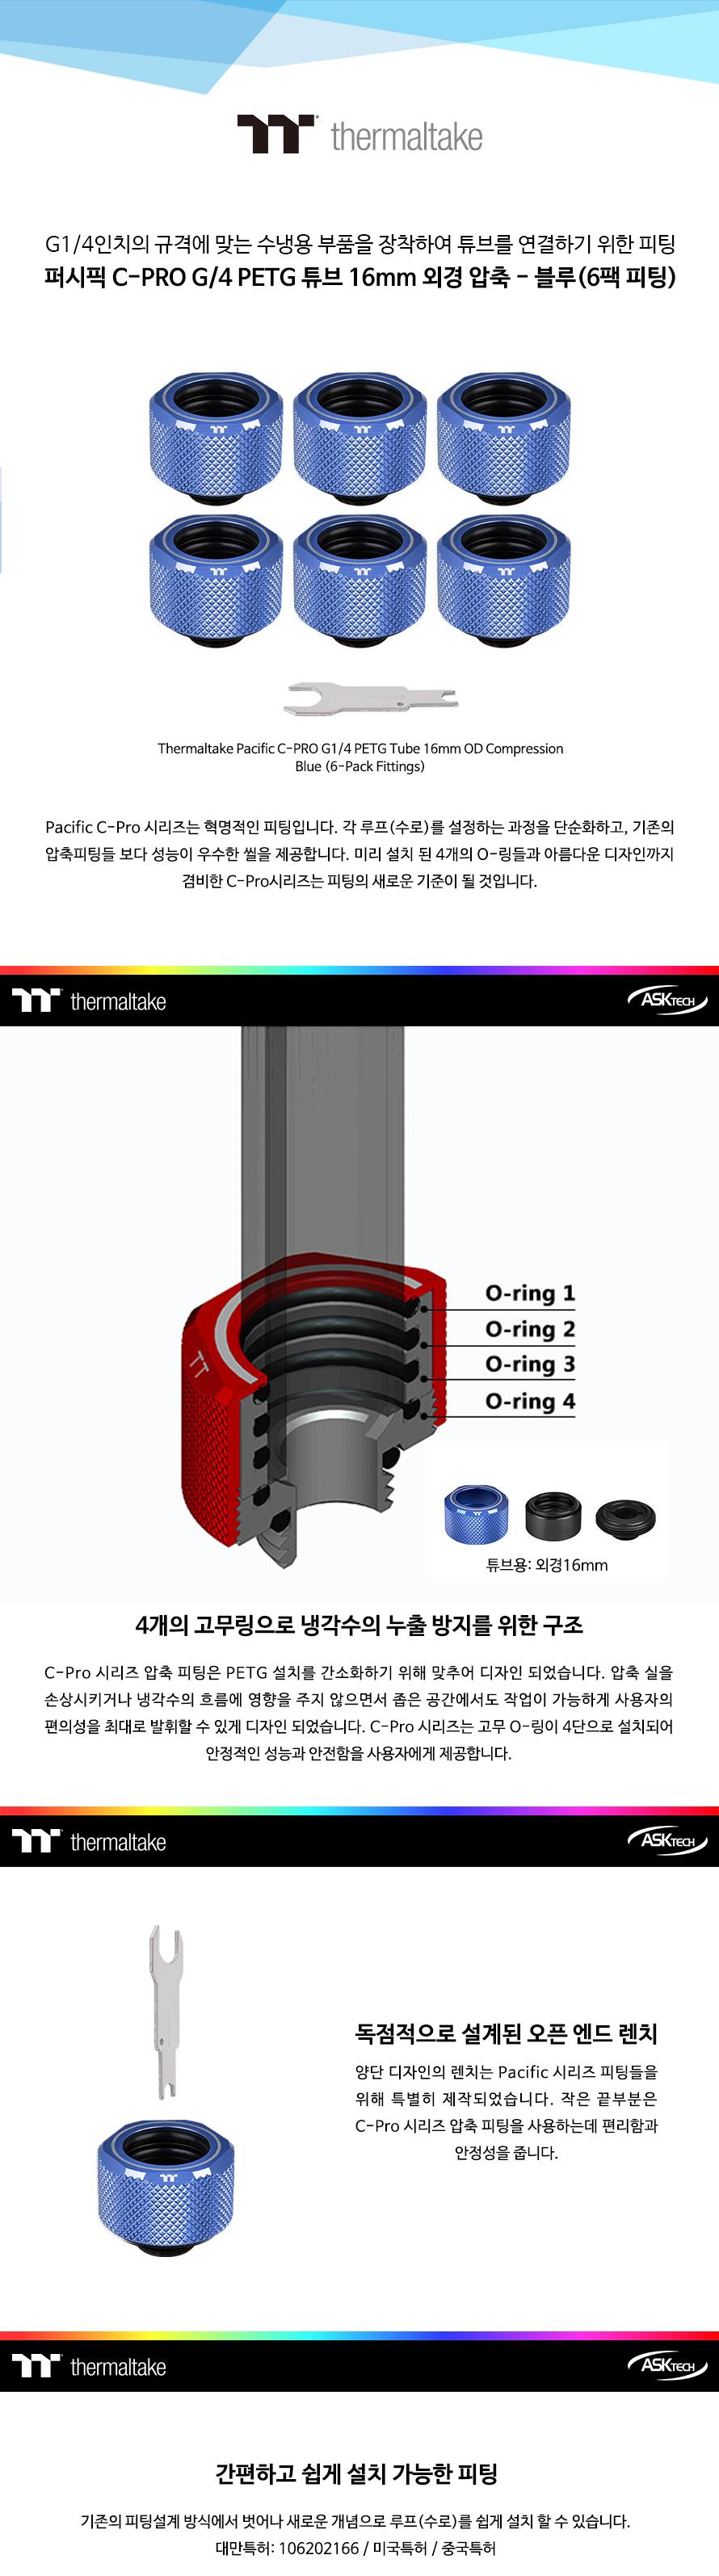 써멀테이크 Pacific C-PRO G14 PETG Tube 16mm 튜브 압축 (6팩)(블루)